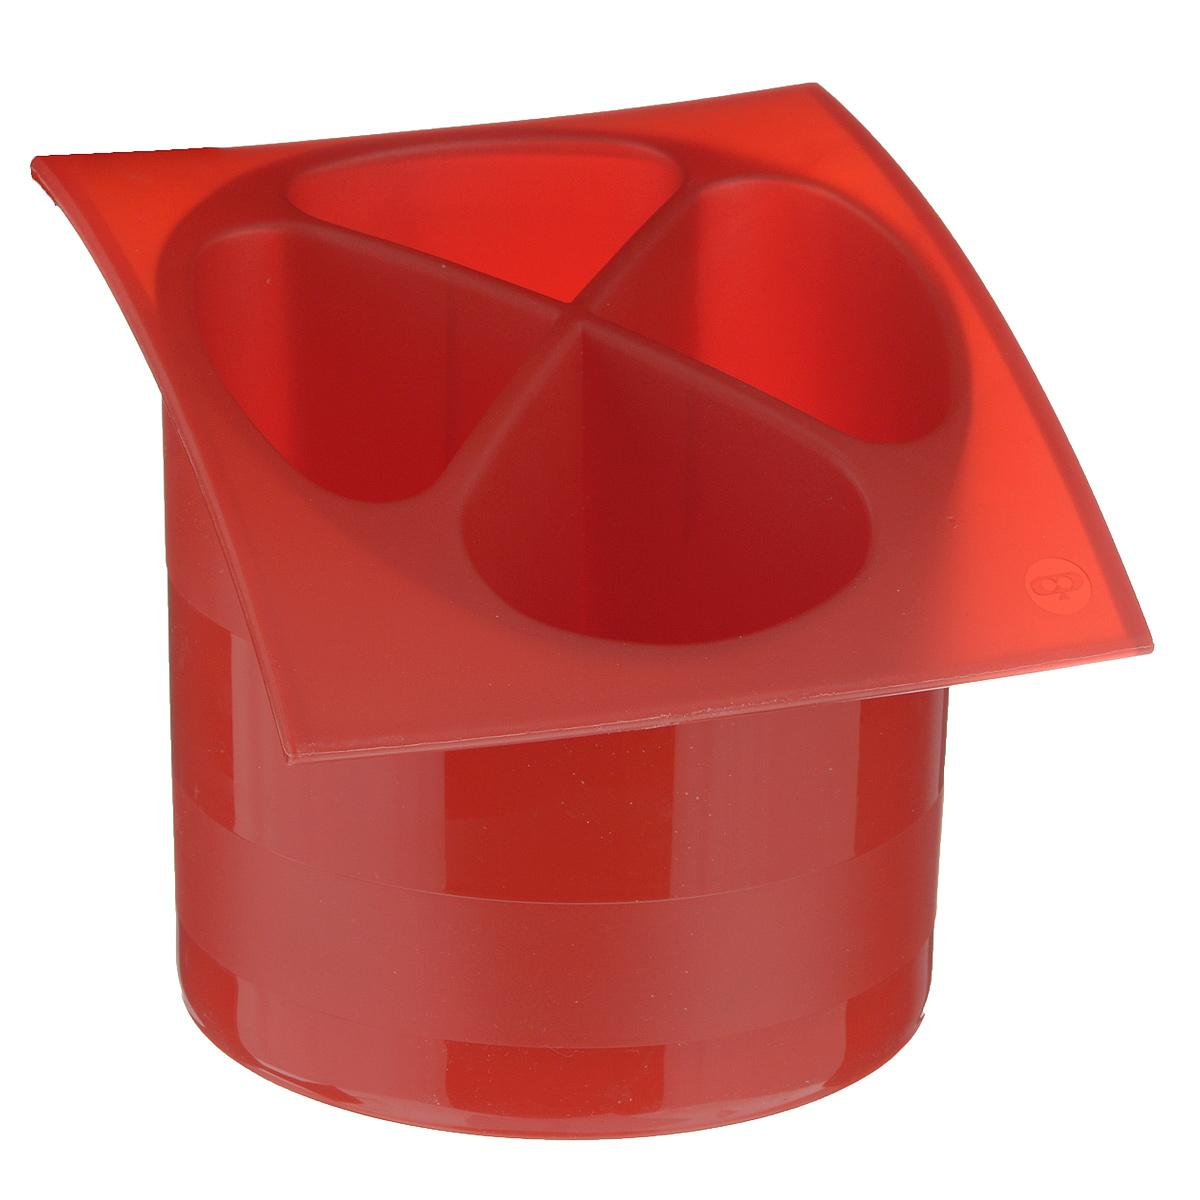 """Фото Подставка для столовых приборов """"Cosmoplast"""", цвет: красный, диаметр 14 см. Купить  в РФ"""